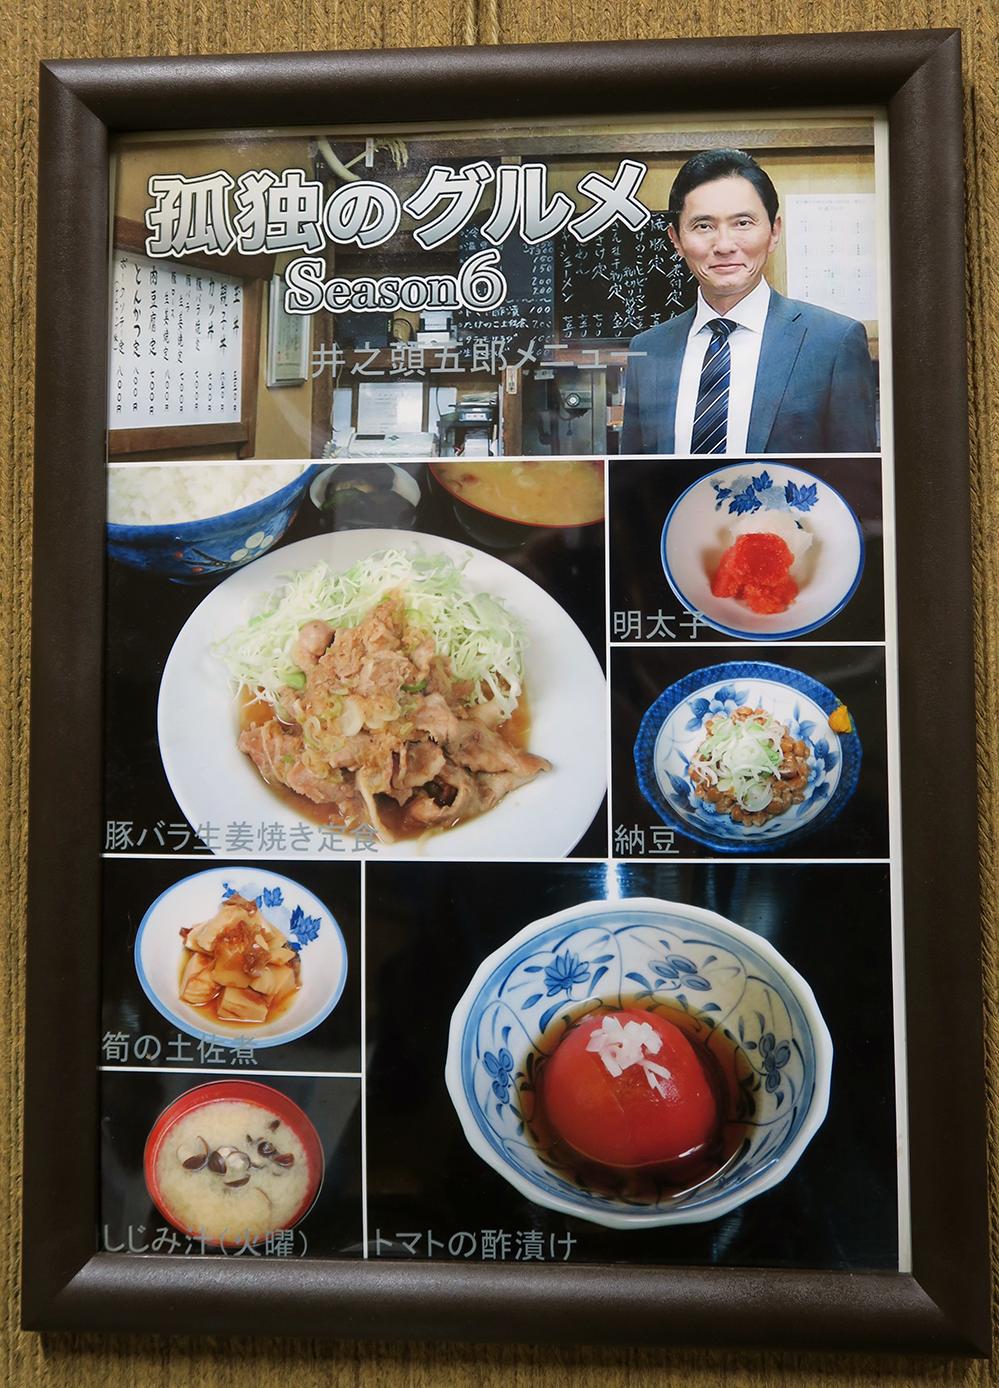 五郎的專屬菜單